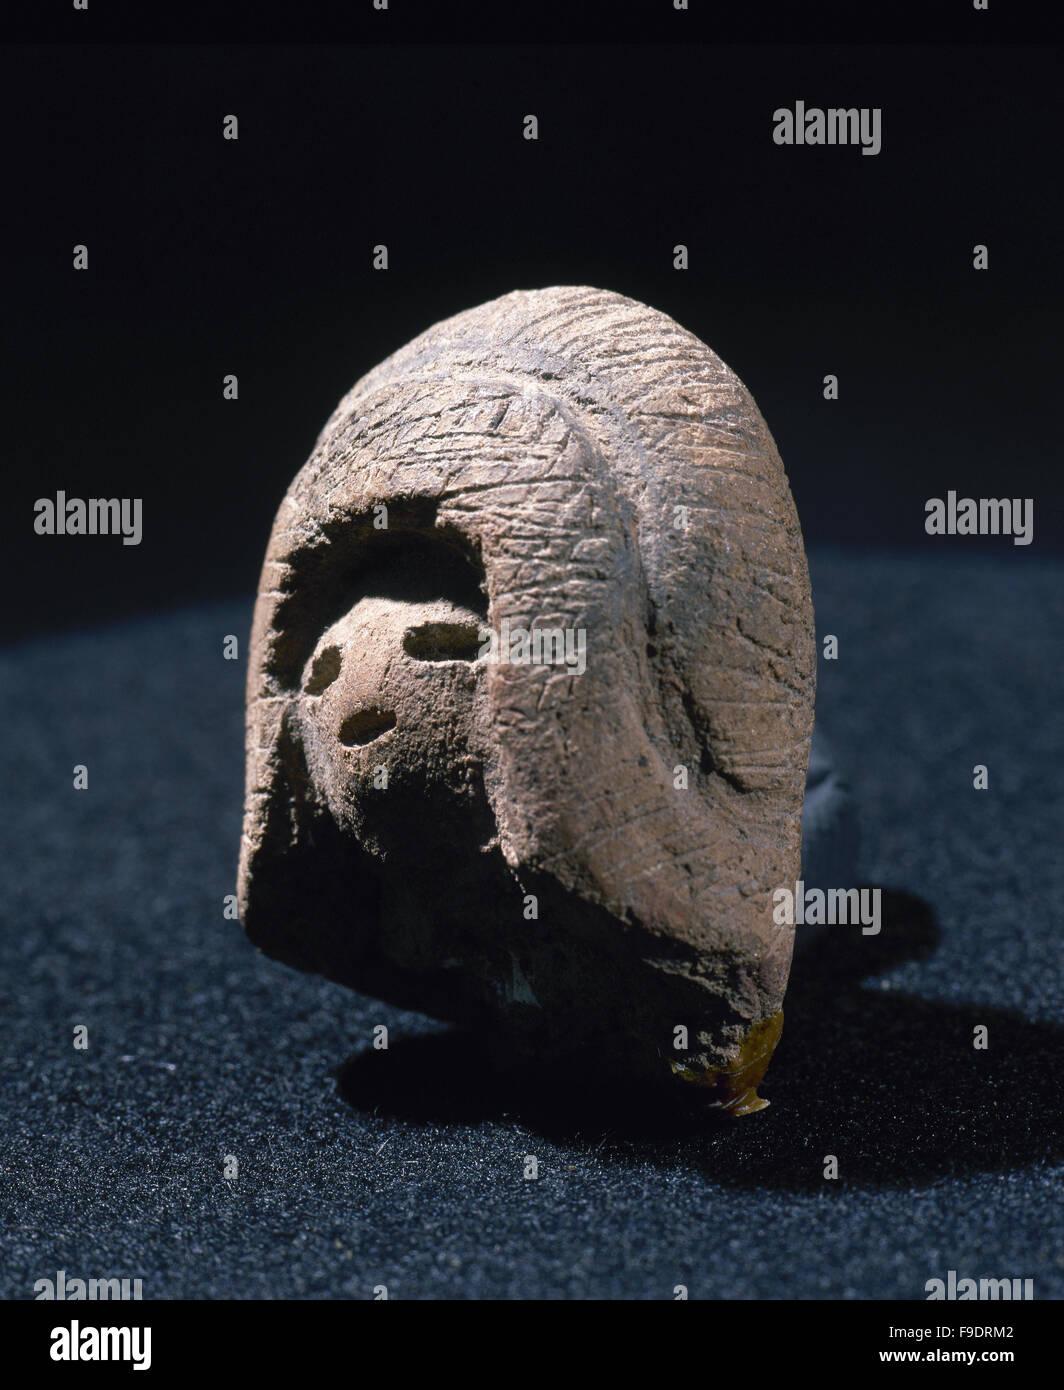 Pre-Columbian art. Valdivia culture. Ecuador. 3500 BC-1800 BC. Venus statuette. From Ecuador. Private collection. - Stock Image